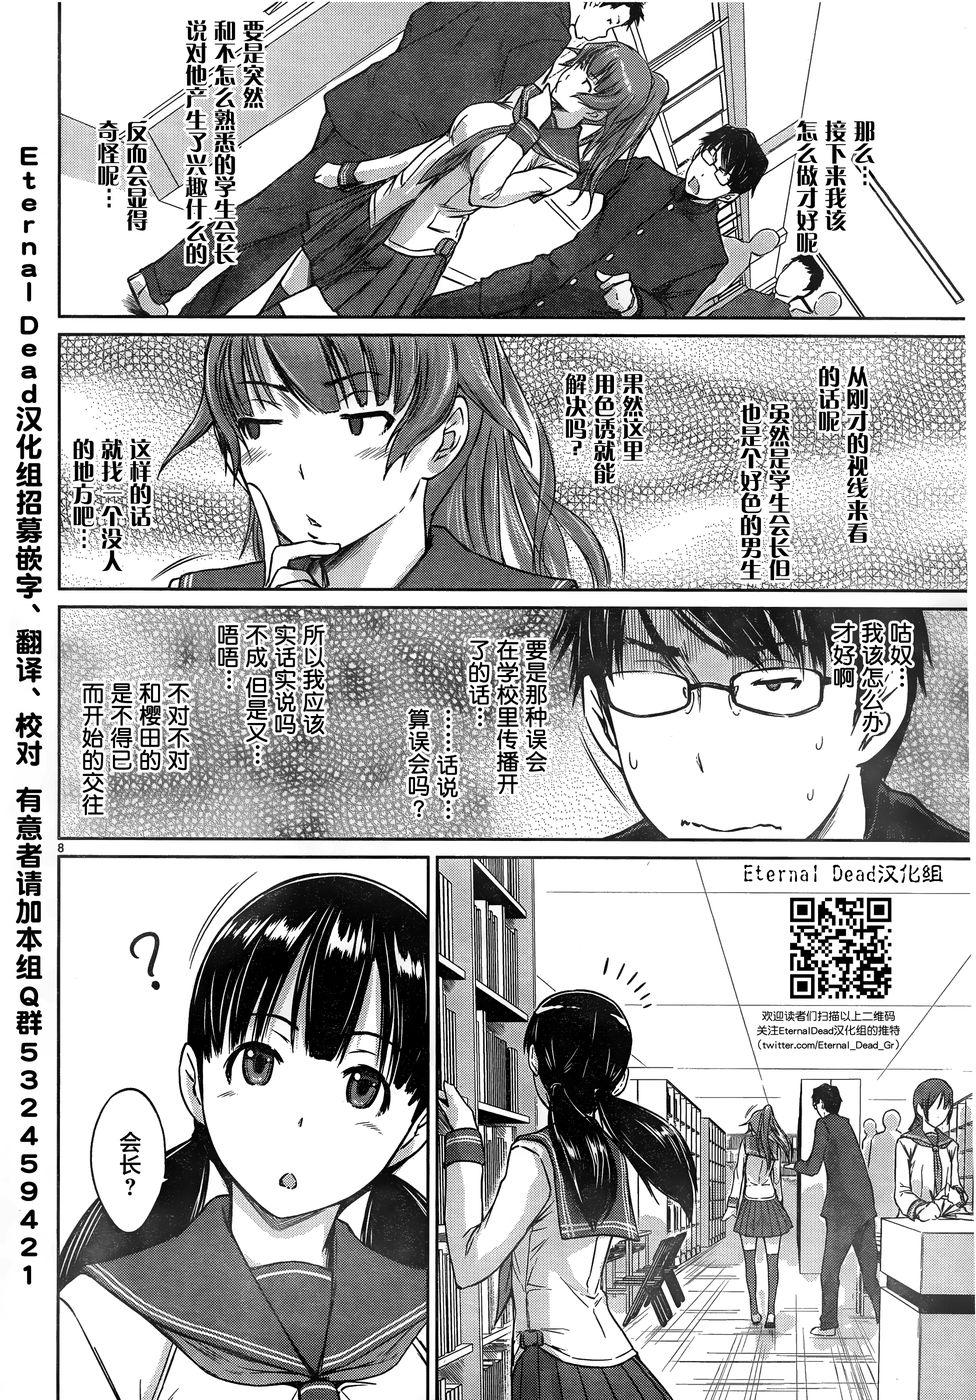 【漫画】 恋爱志向学生会 #04 - acfun弹幕视频网